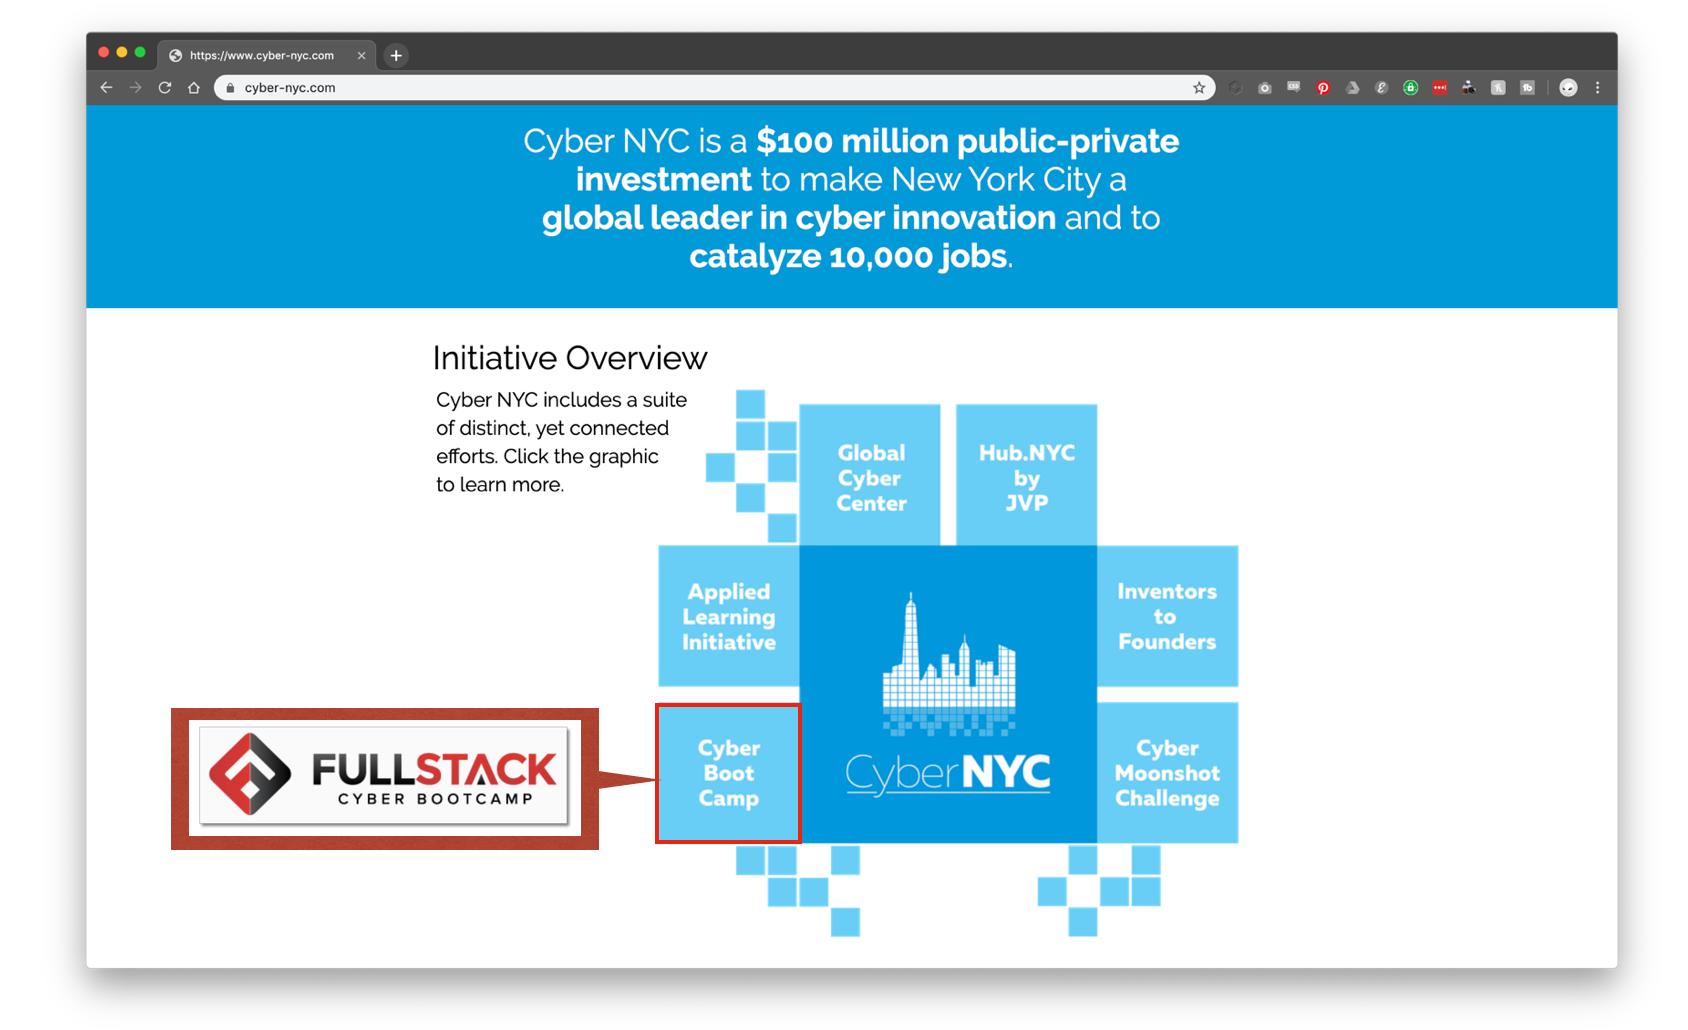 CyberNYC Initiative Overview